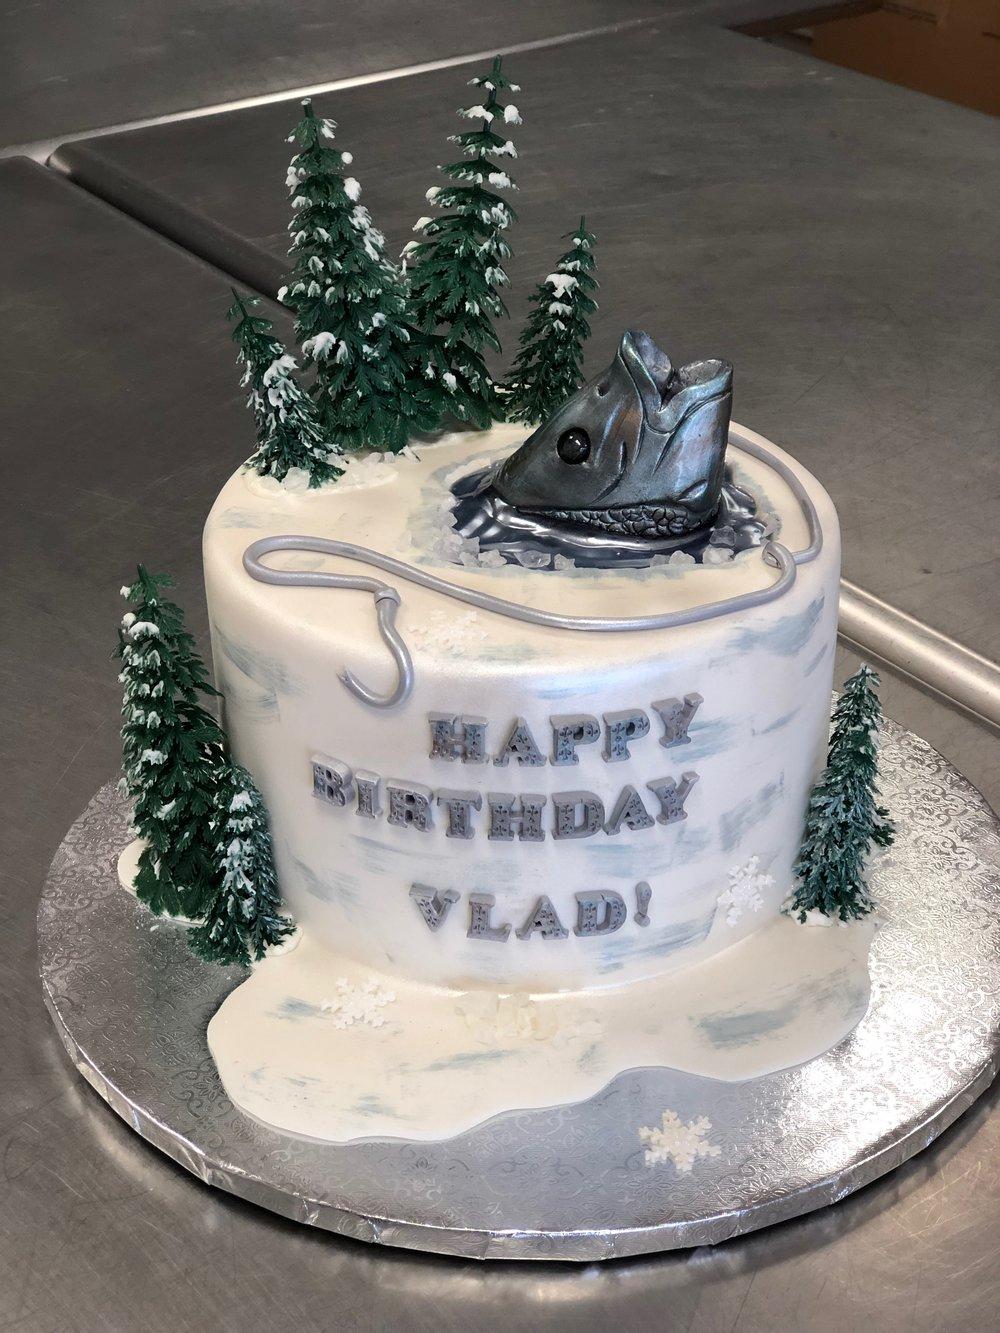 Ice Fishing Birthday Cake New Jersey